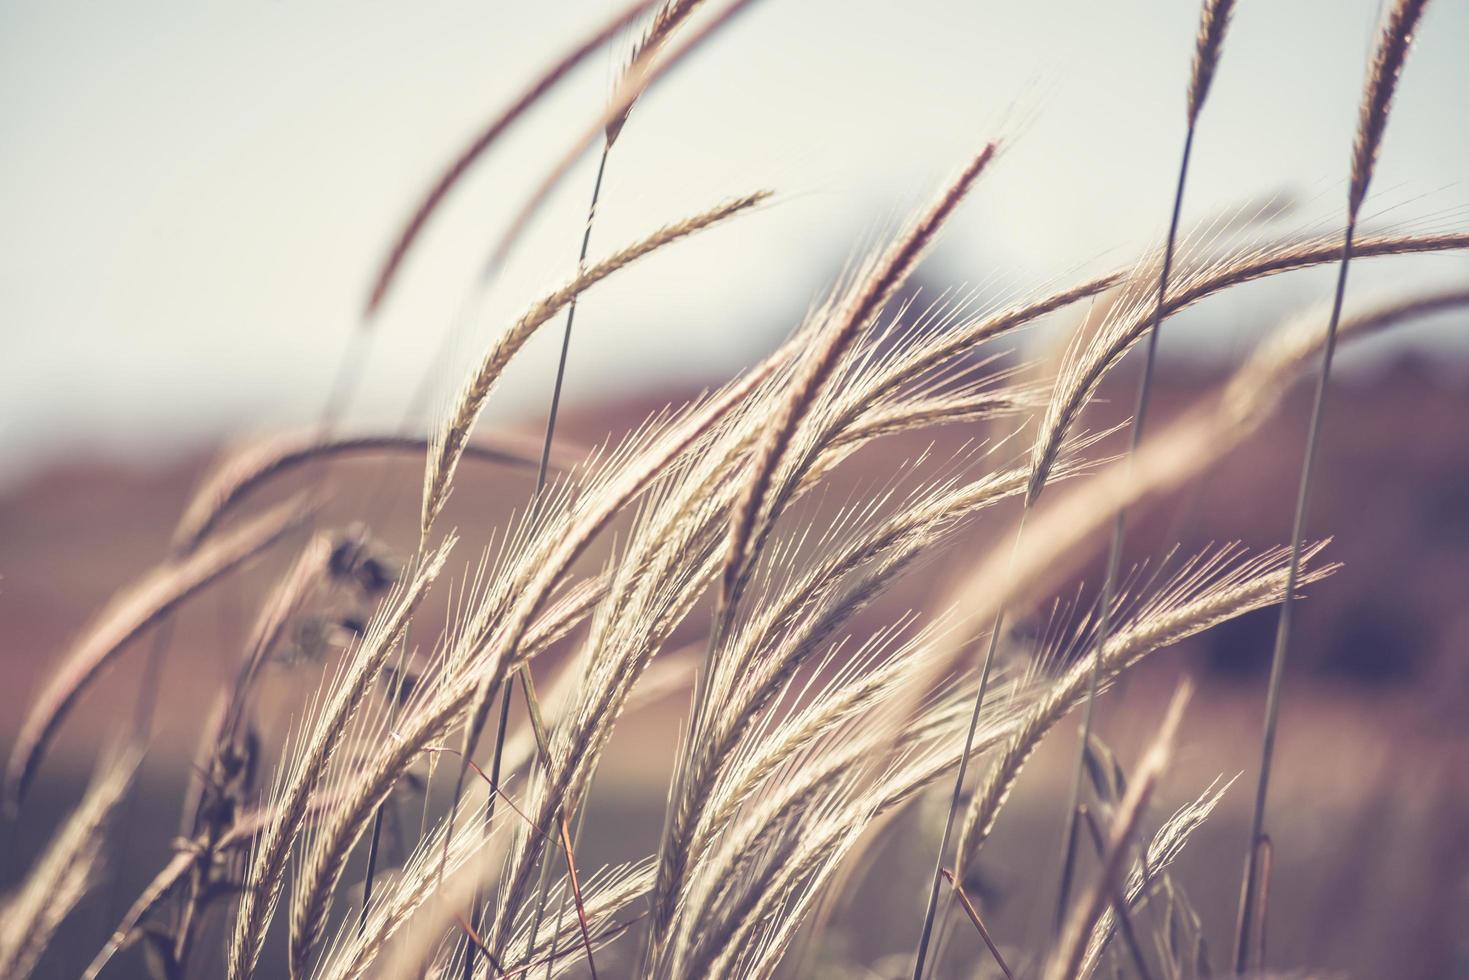 tarwe-oor stengels in natuurlijk verlicht licht foto